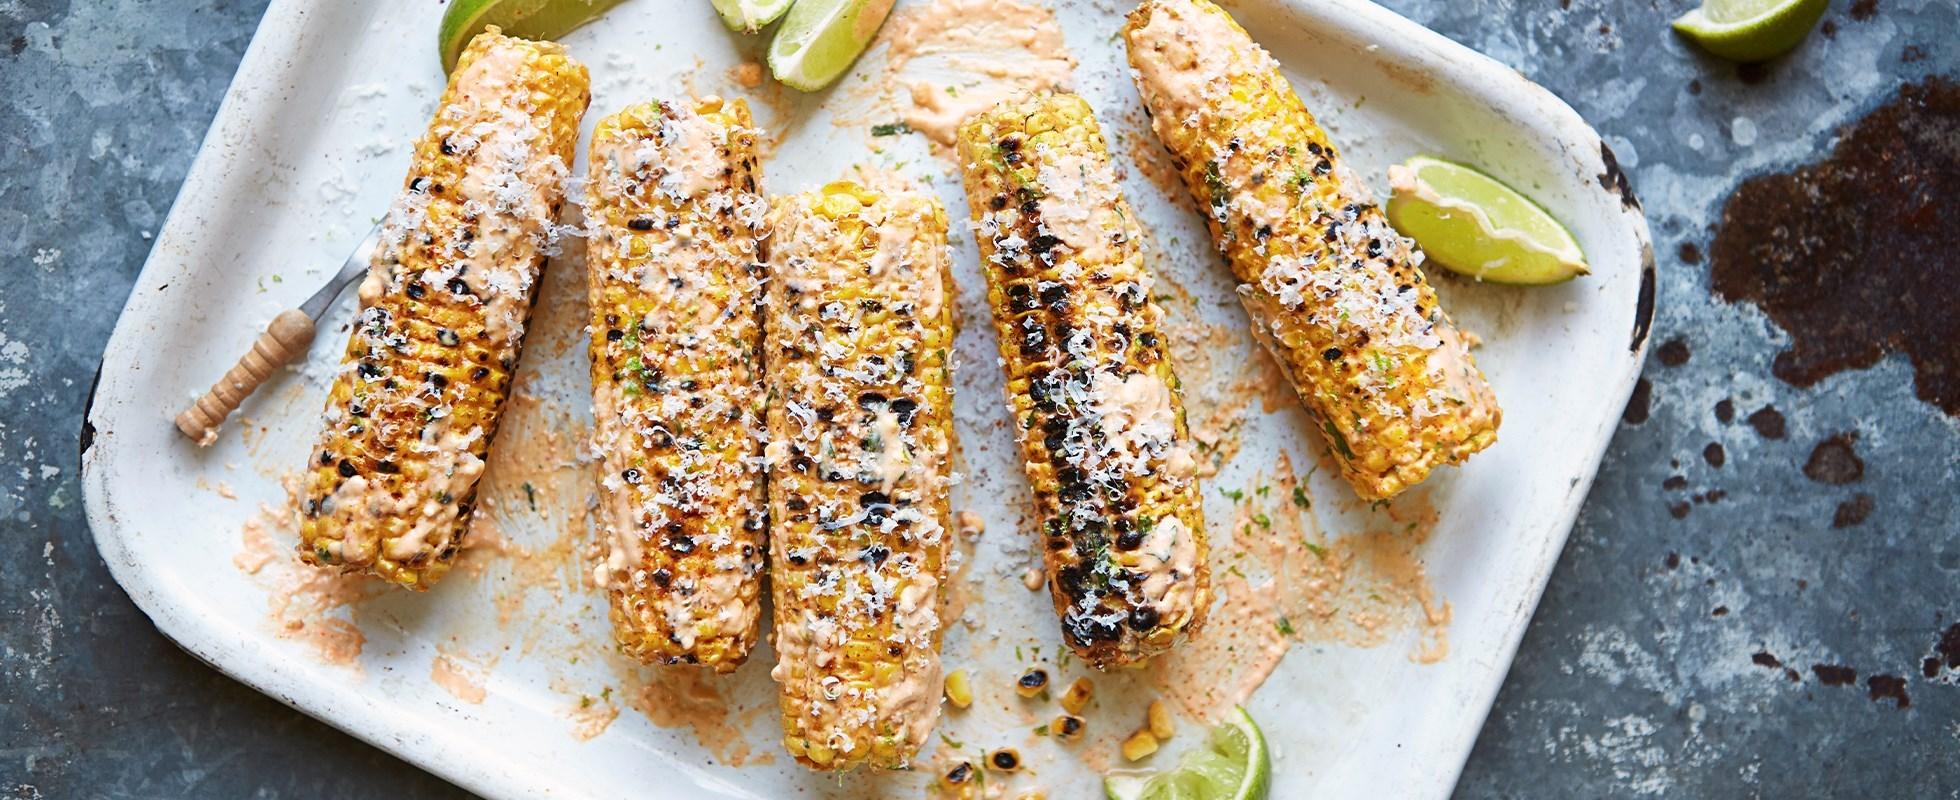 spicy corn on cob